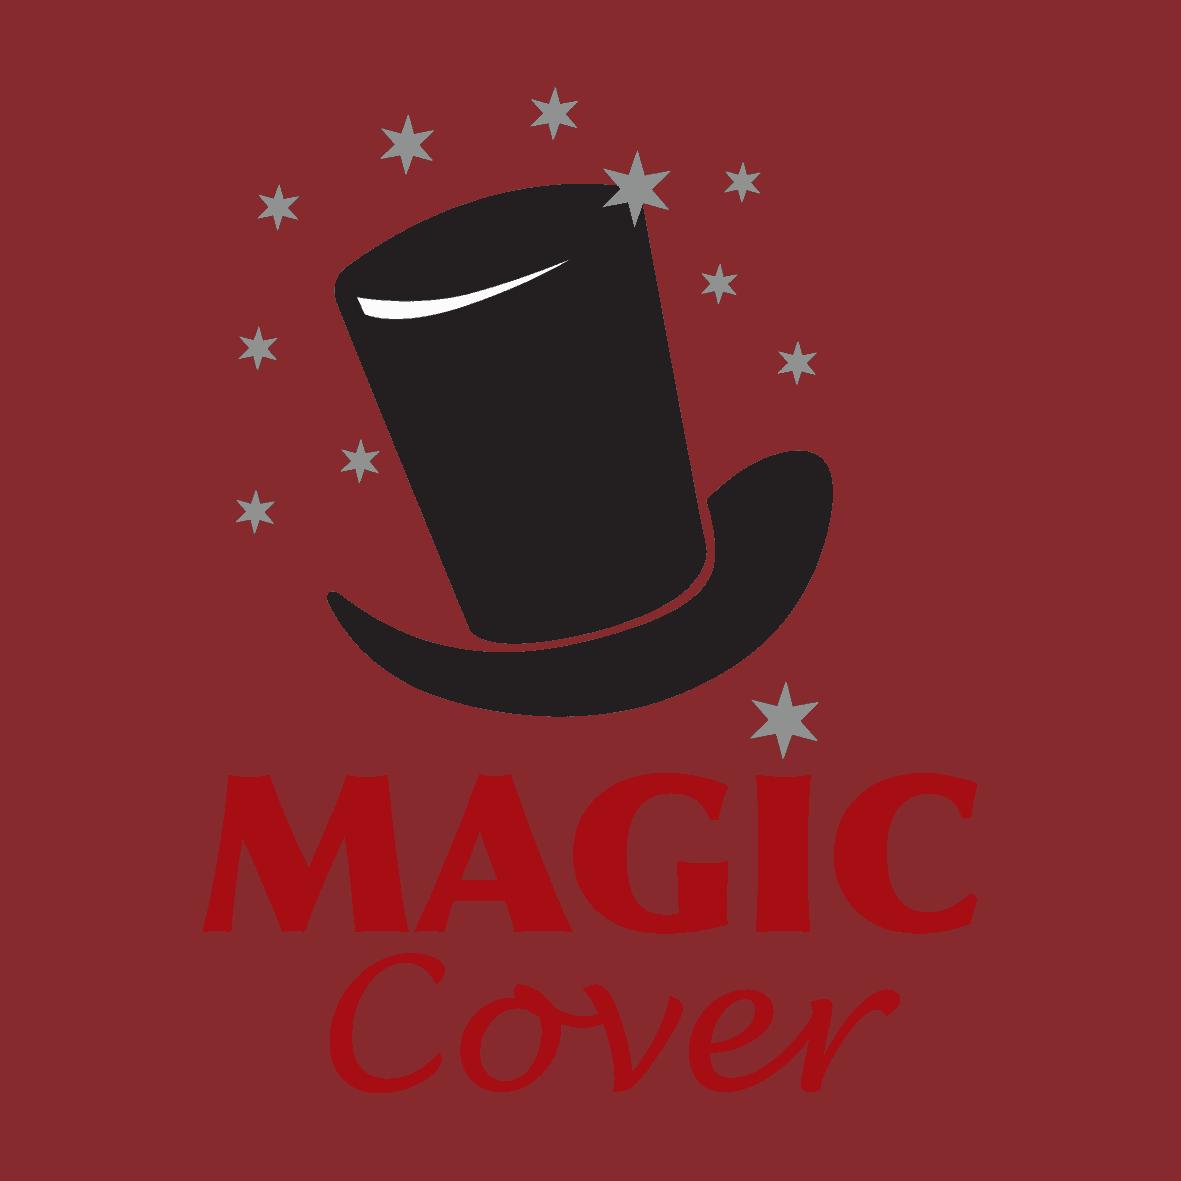 Magic Cover